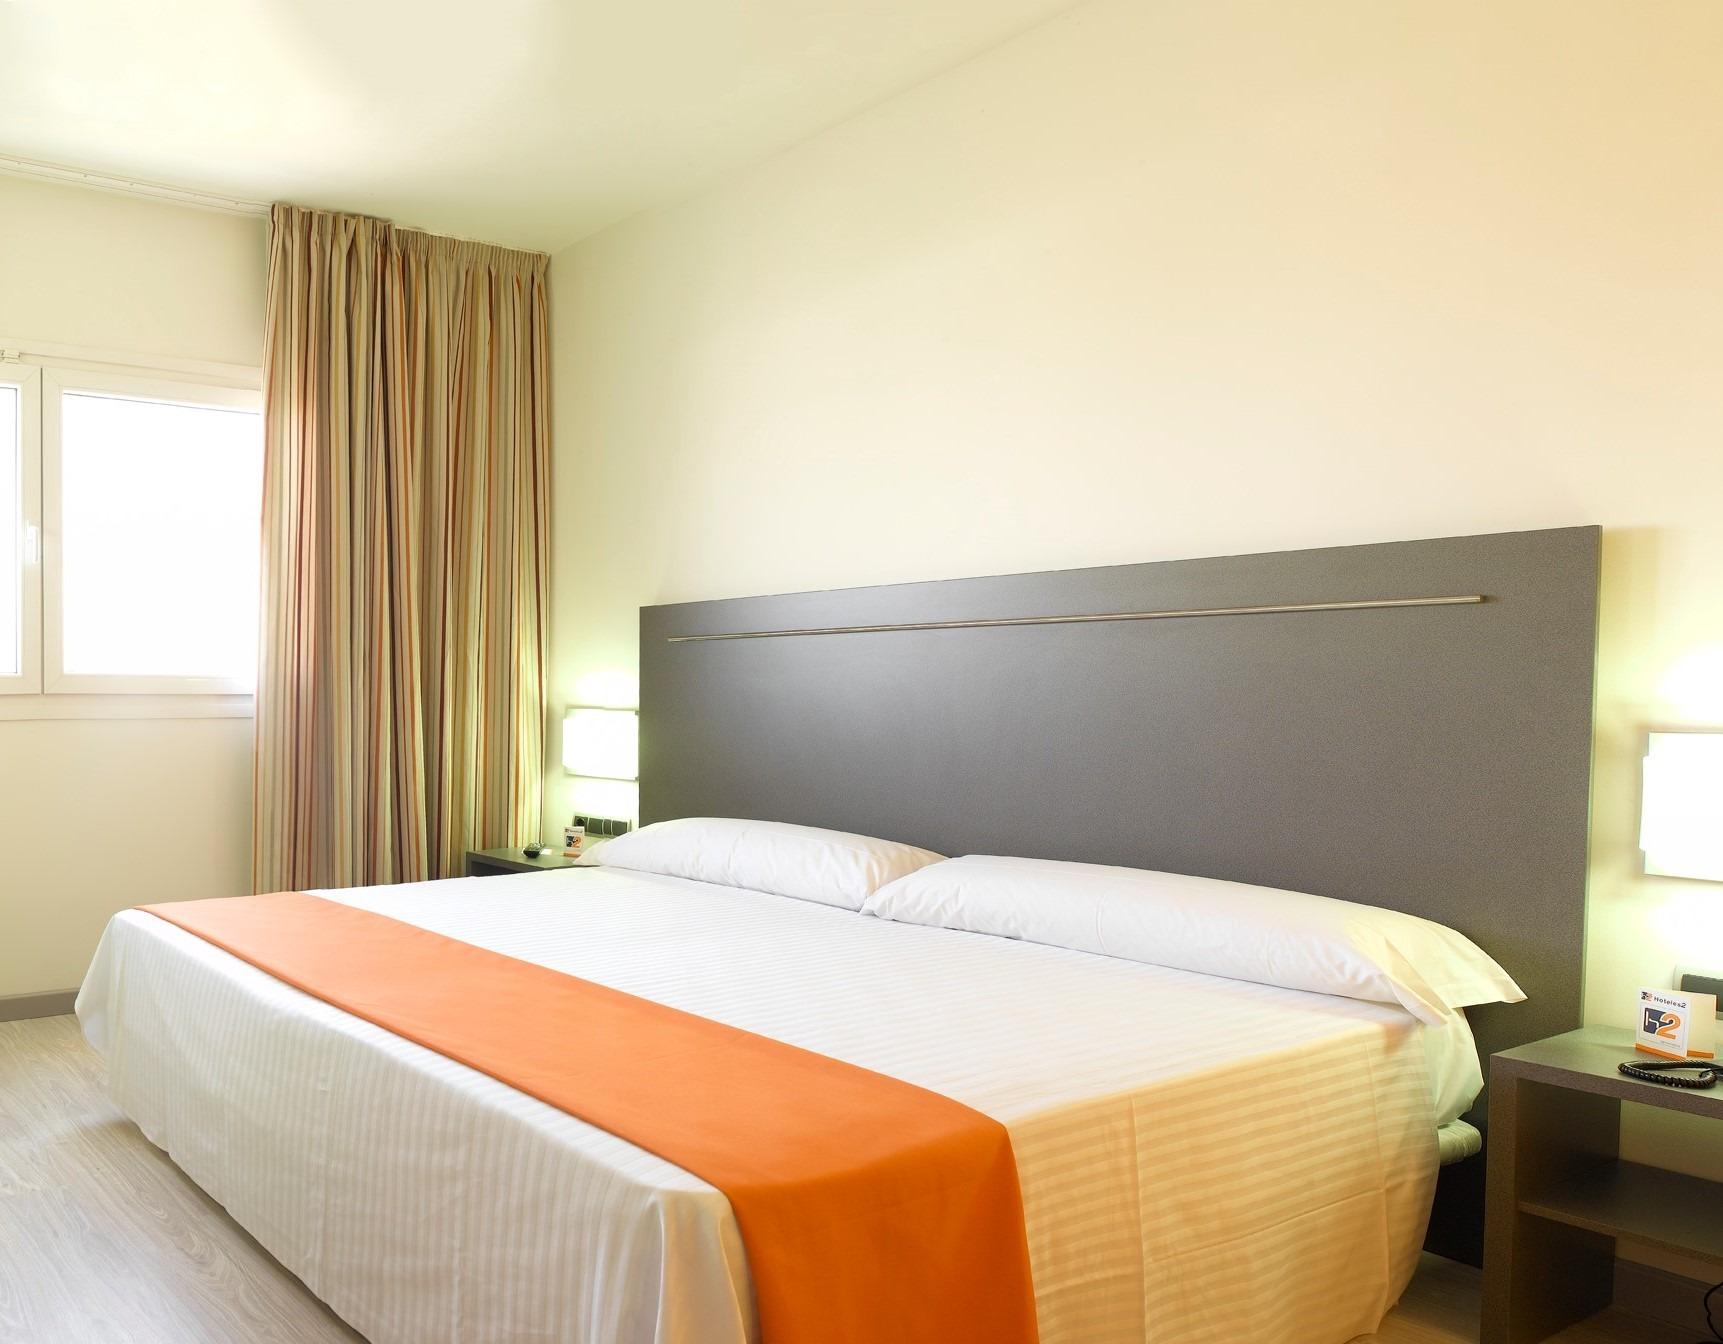 HABITACIÓN 2 PAX HOTEL H2 FUENLABRADA